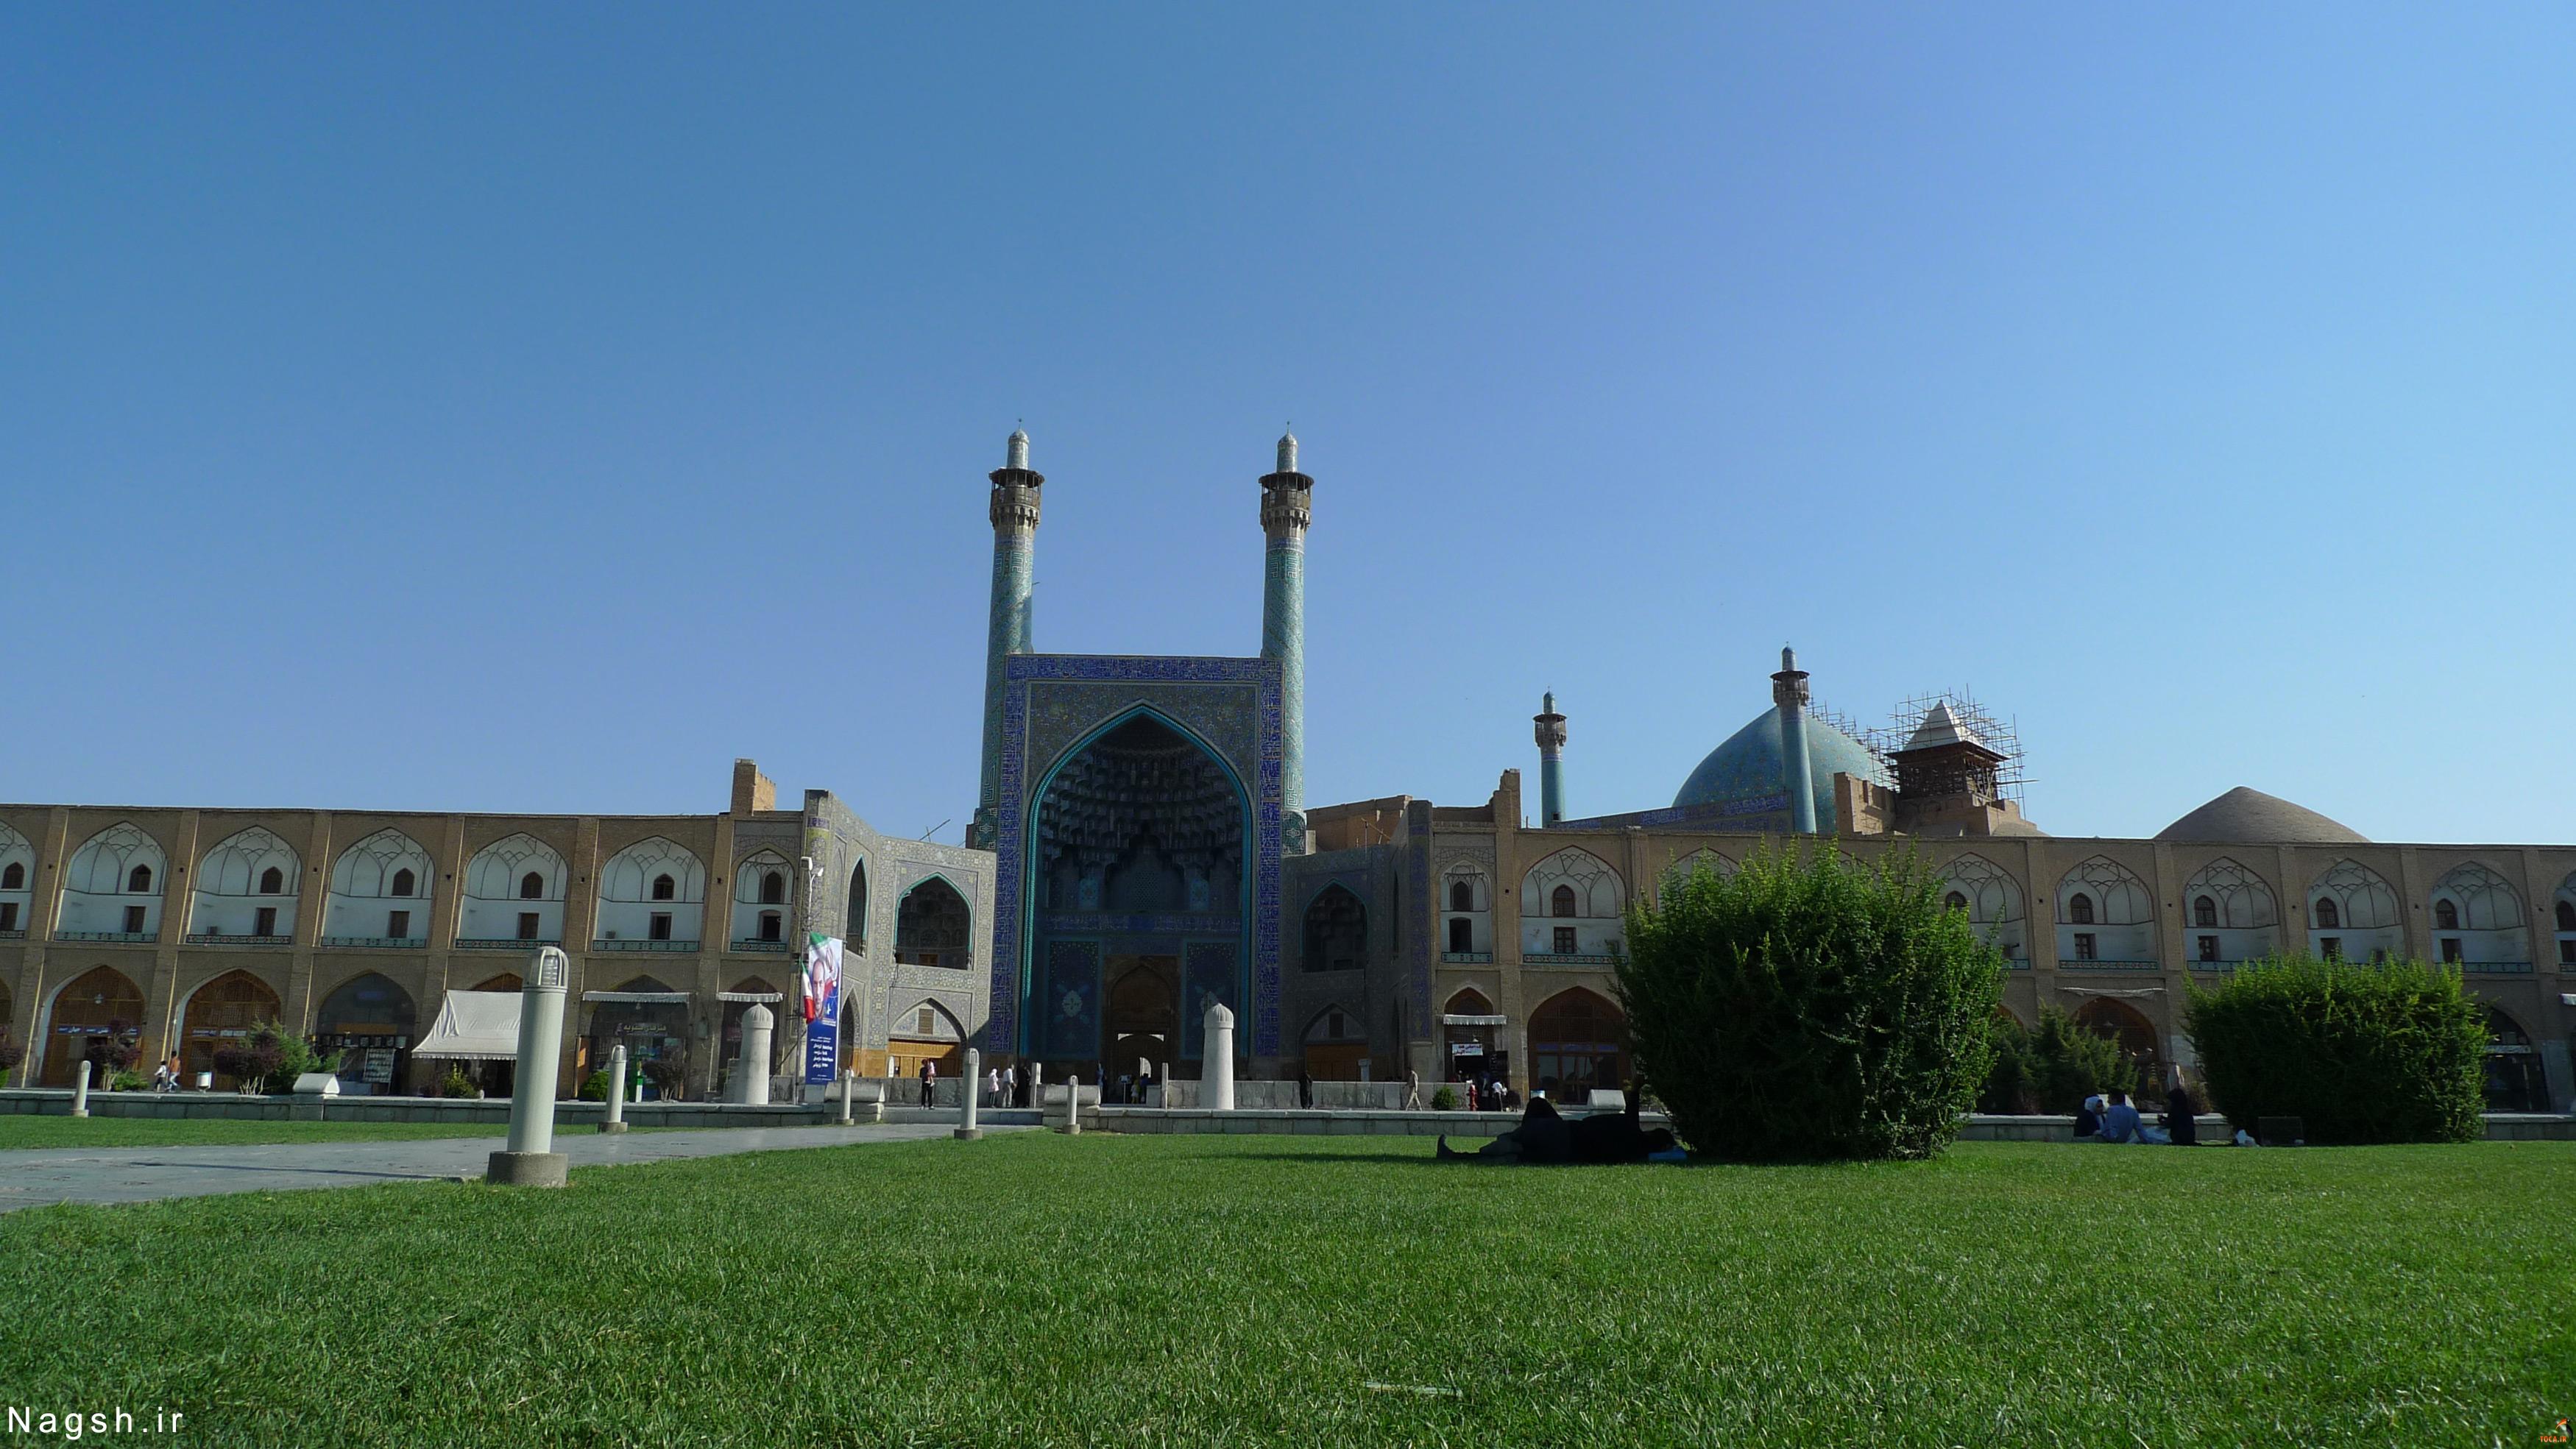 عکس از مسجد امام - میدان نقش جهان اصفهان